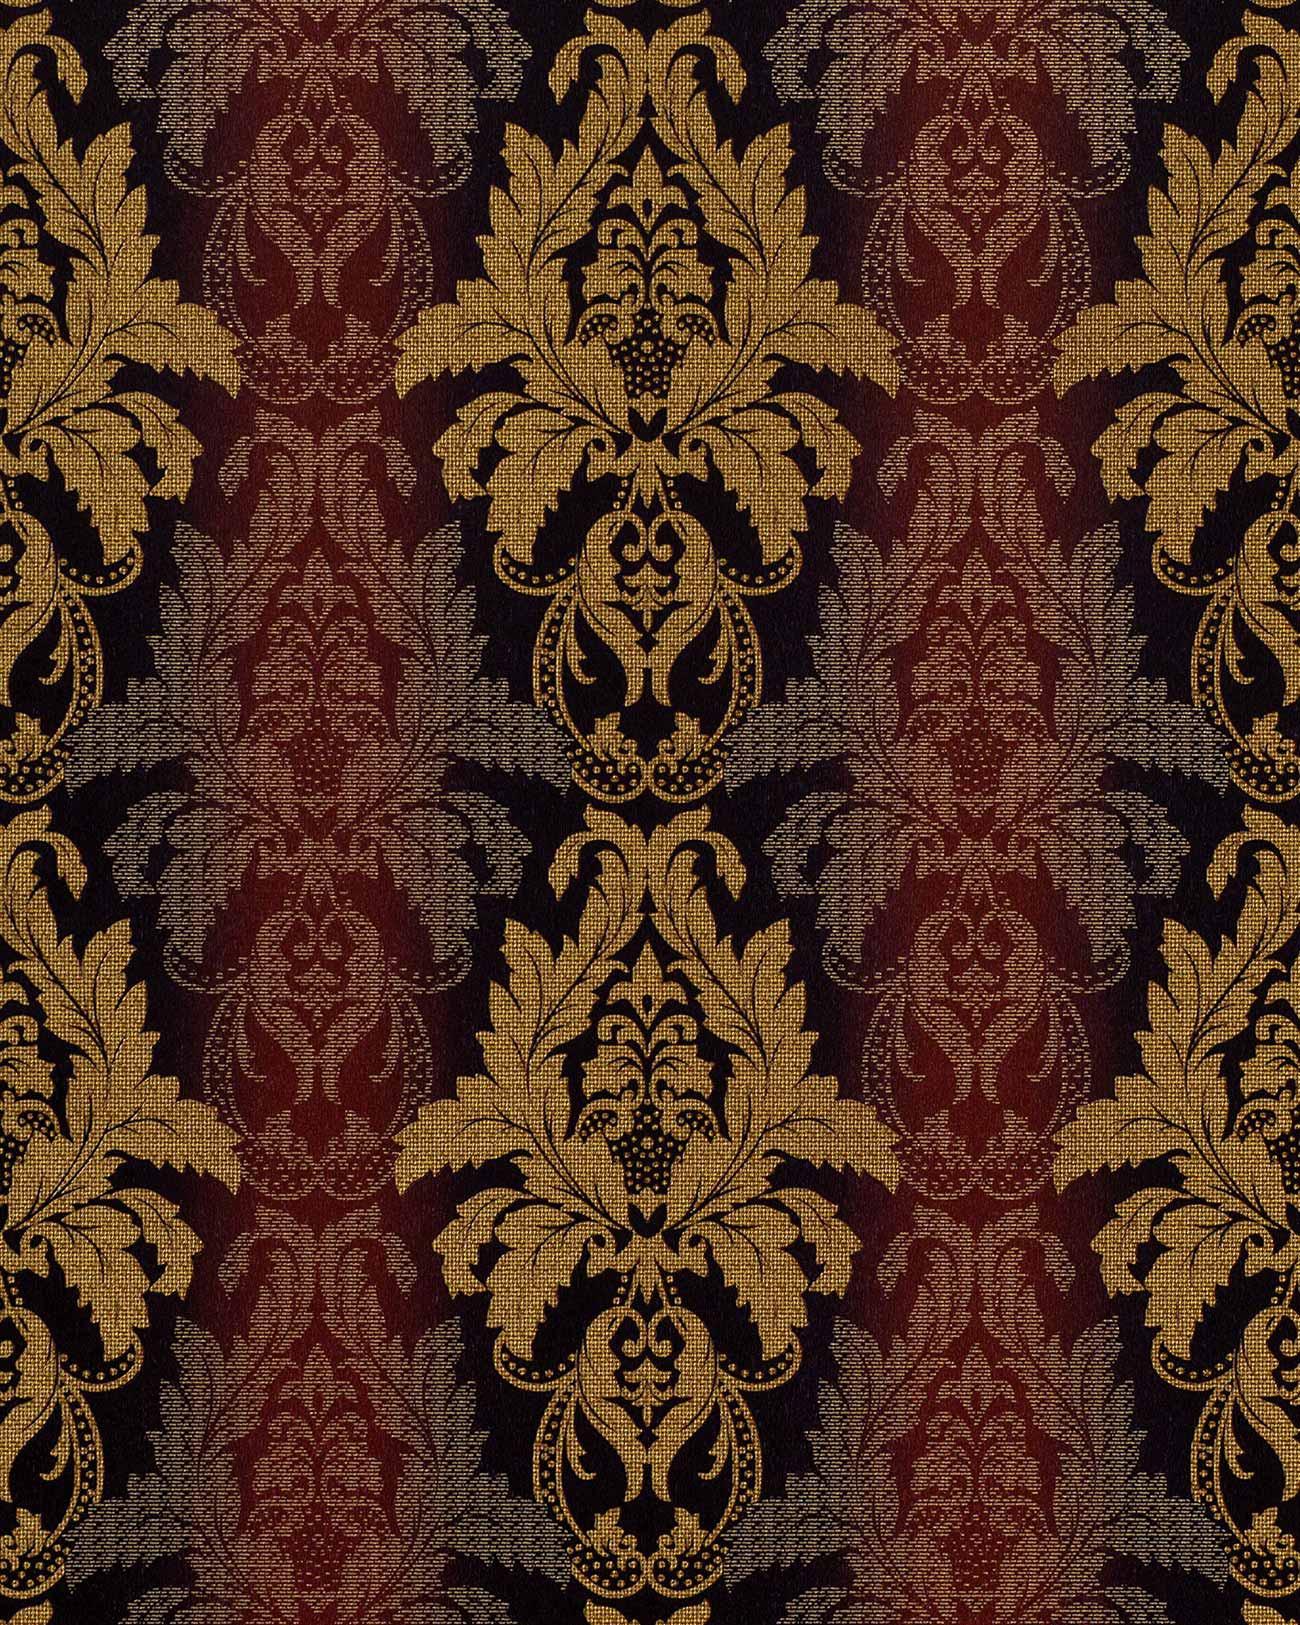 Papel pintado barroco damasco gofrado edem 770 36 de alta for Papel pintado barroco